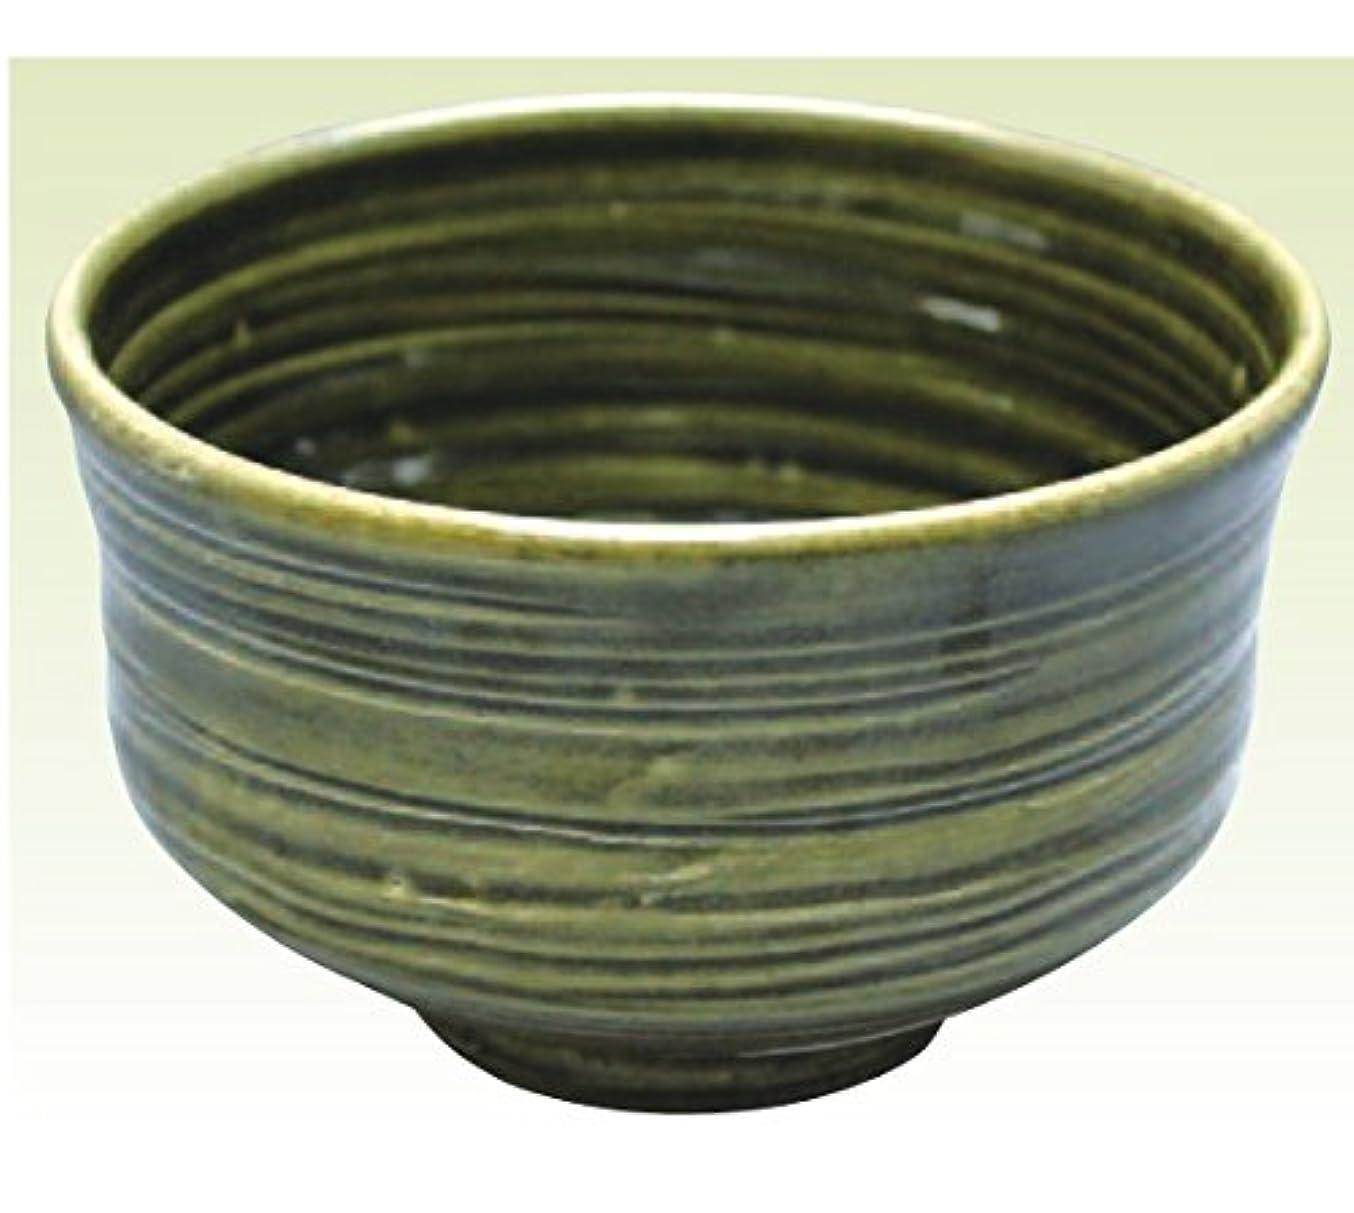 忠実に透けて見えるジャンピングジャック常滑焼 焜清作 抹茶茶碗織部径13×高さ8cm